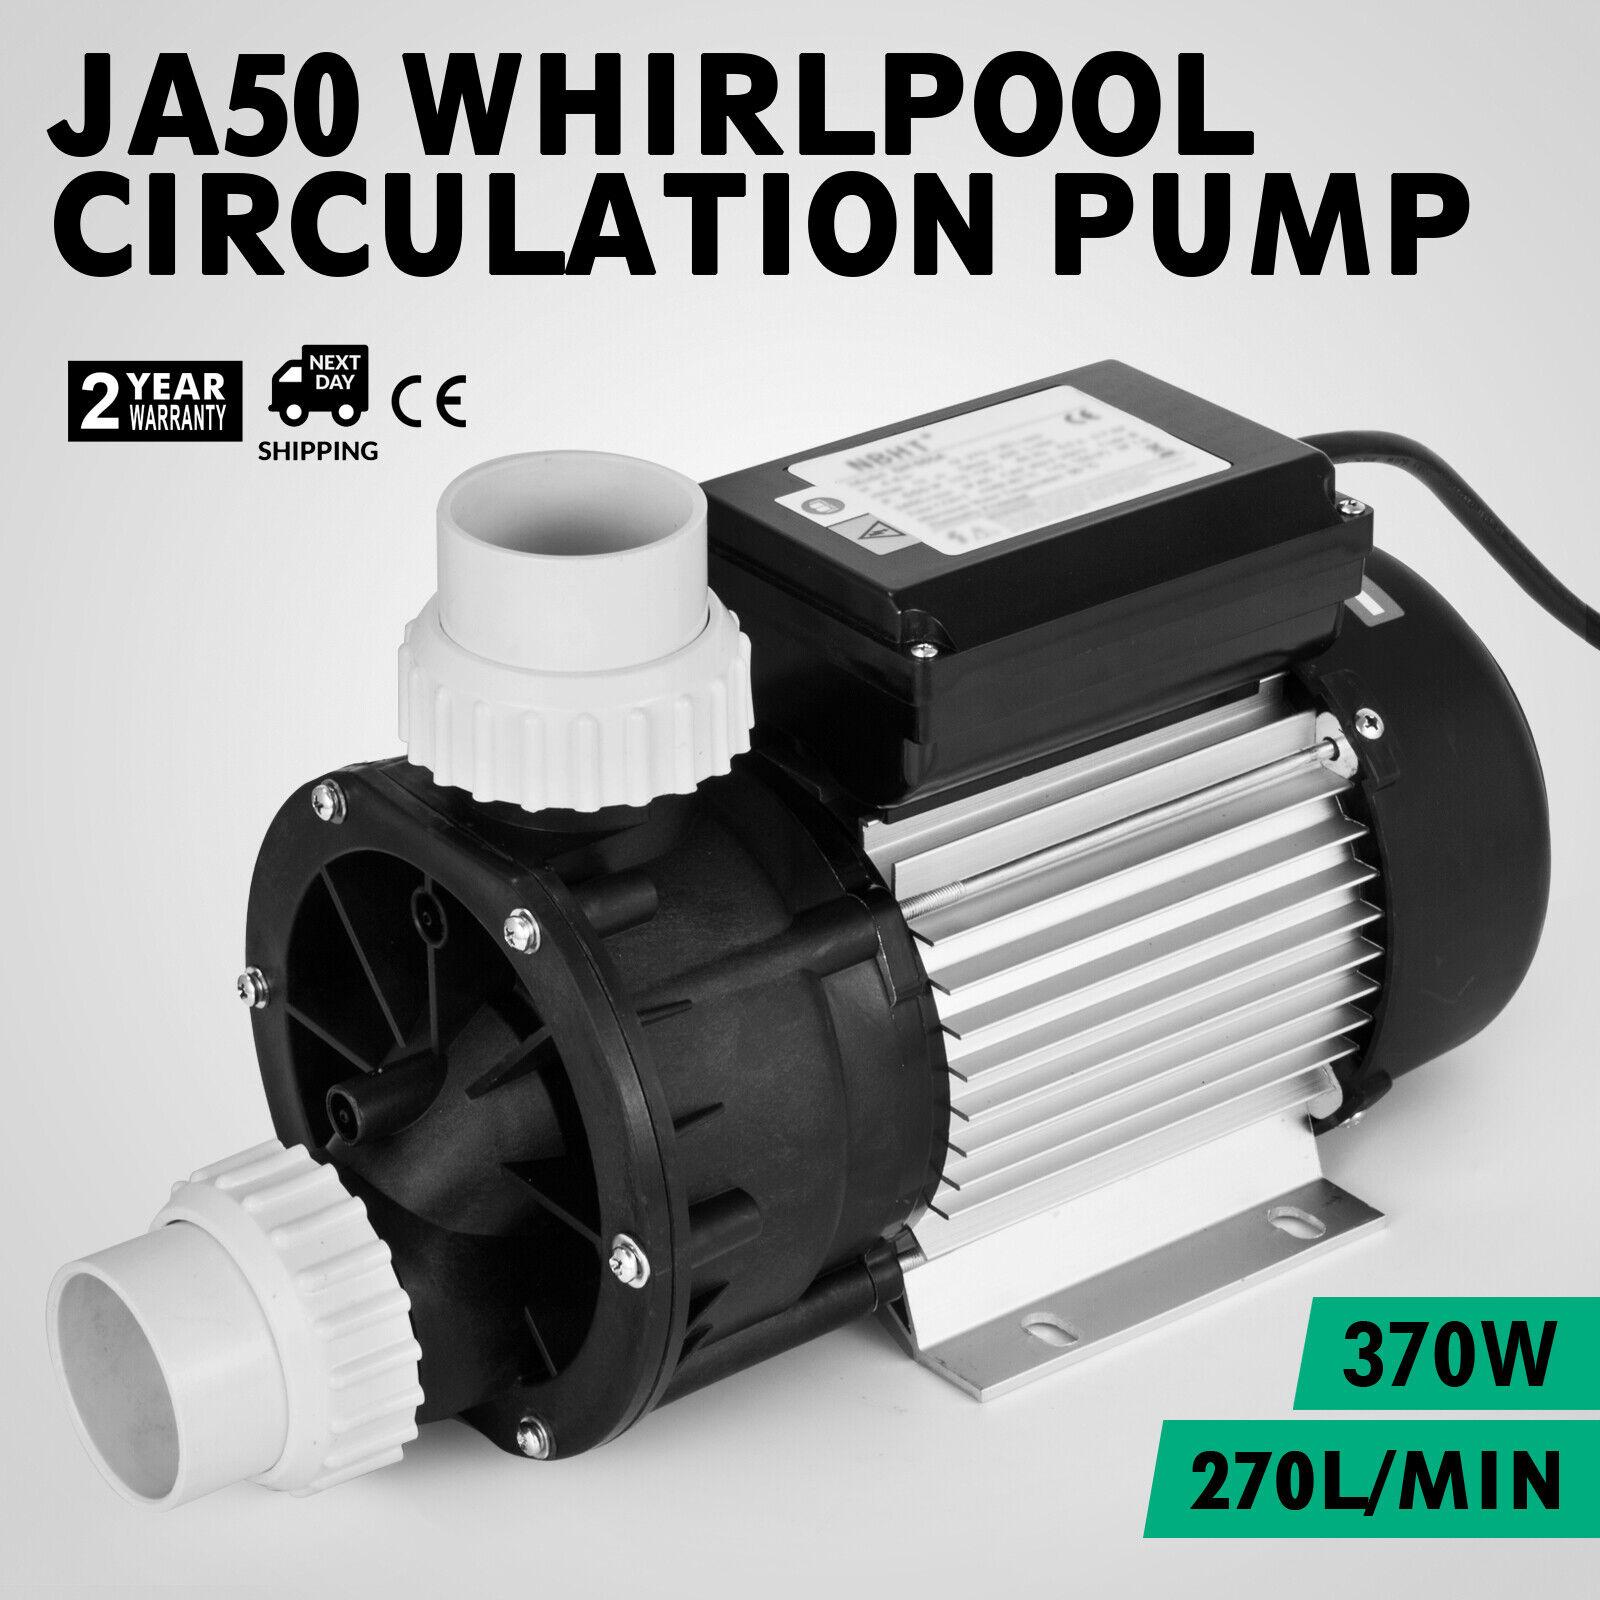 JA50 LX Pompa di Circolazione Whirlpool Cinese Service Spa  Efficiente Potente